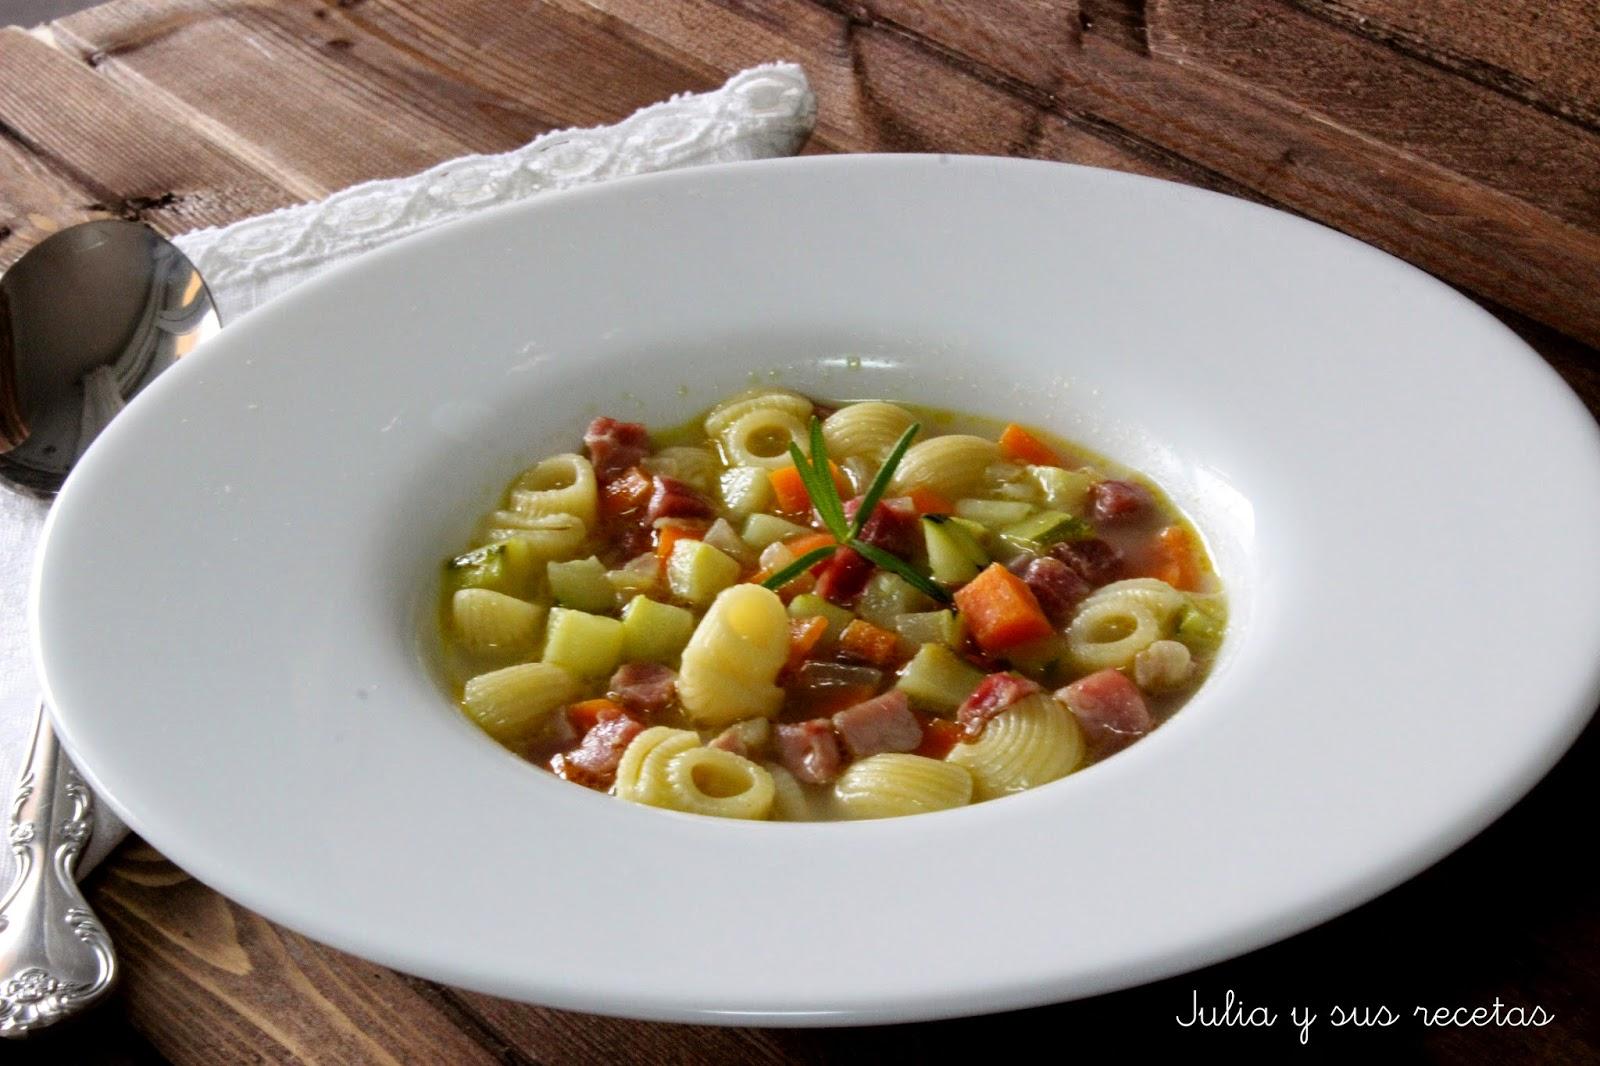 Sopa de caracolas con jamón. Julia y sus recetas